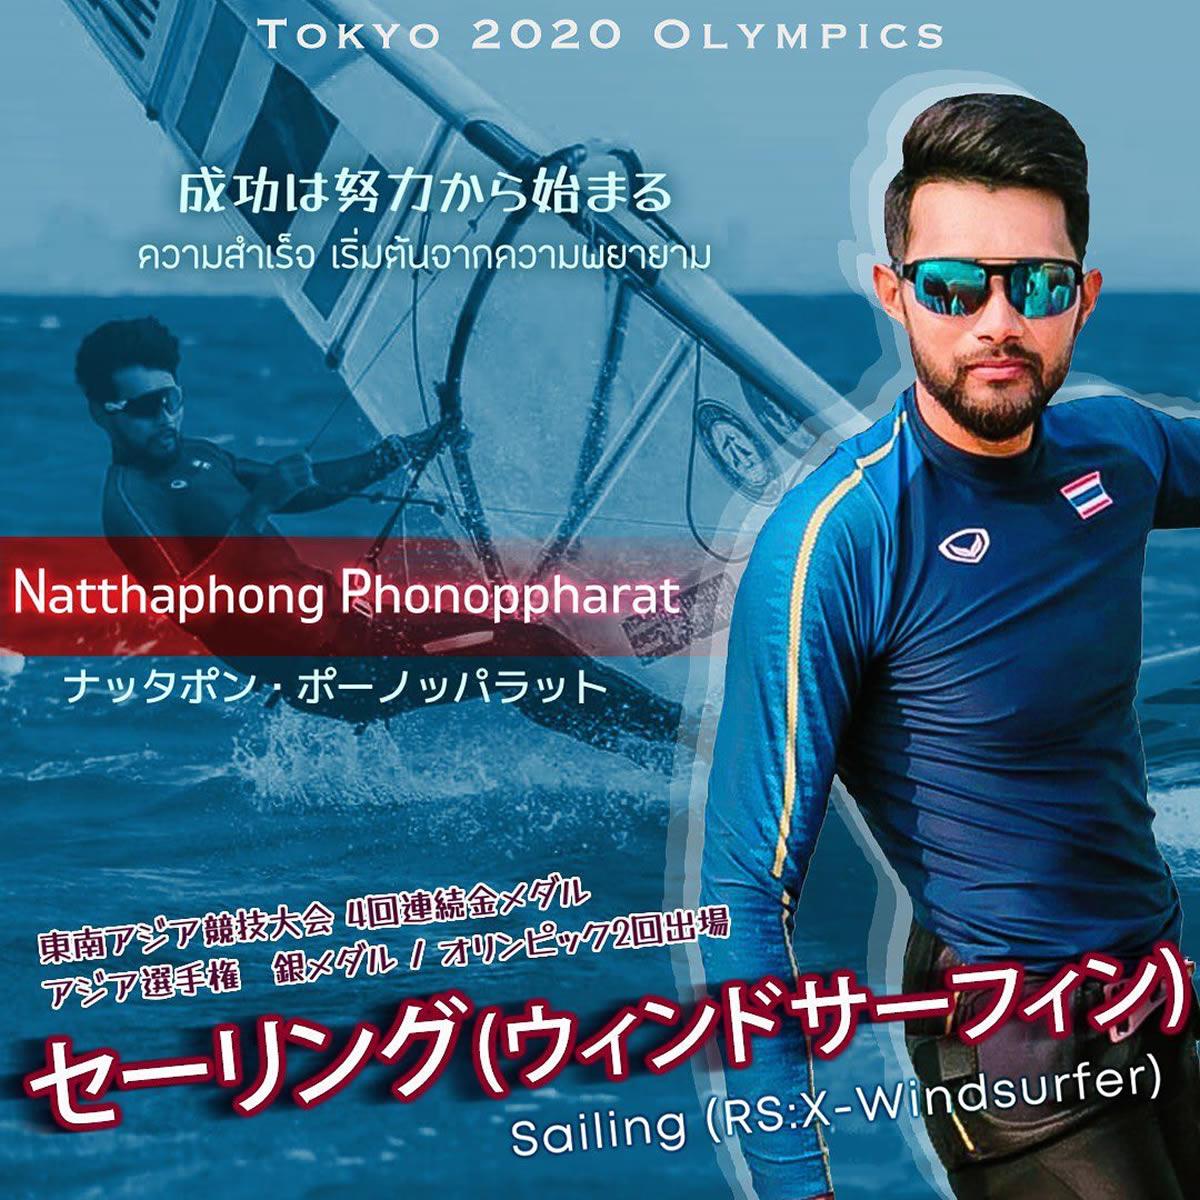 ナッタポン・ポーノッパラット(オート )選手[男子ウィンドサーフィン タイ代表]東京2020オリンピック